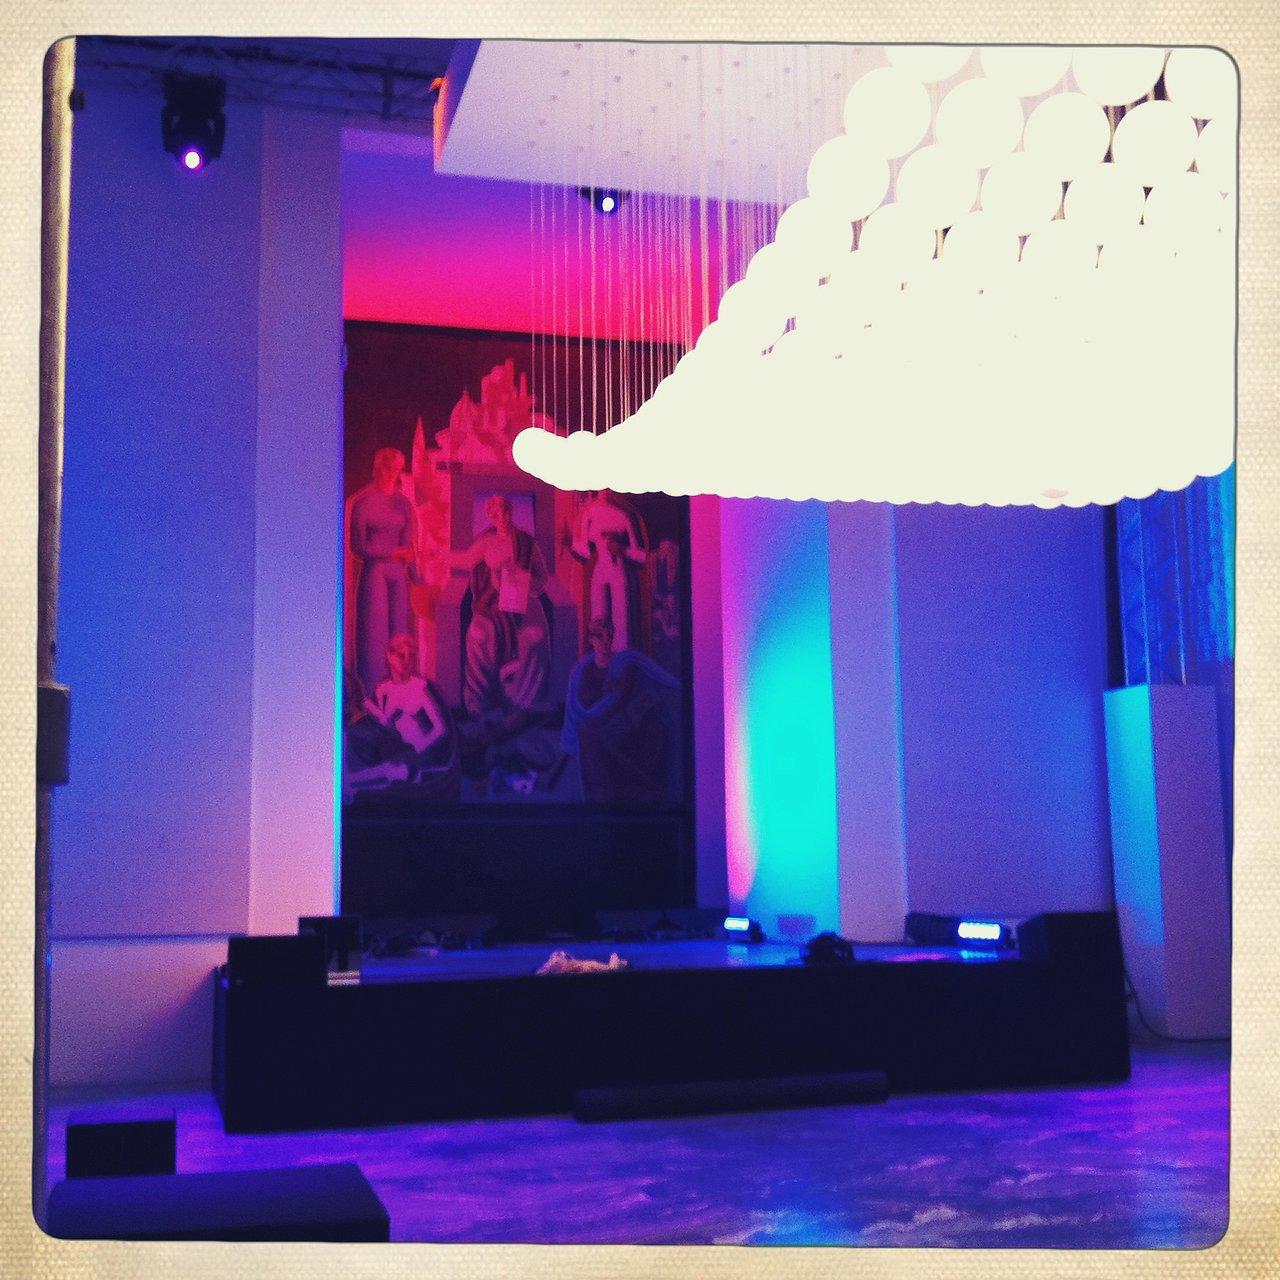 Louis Vuitton Event logistic